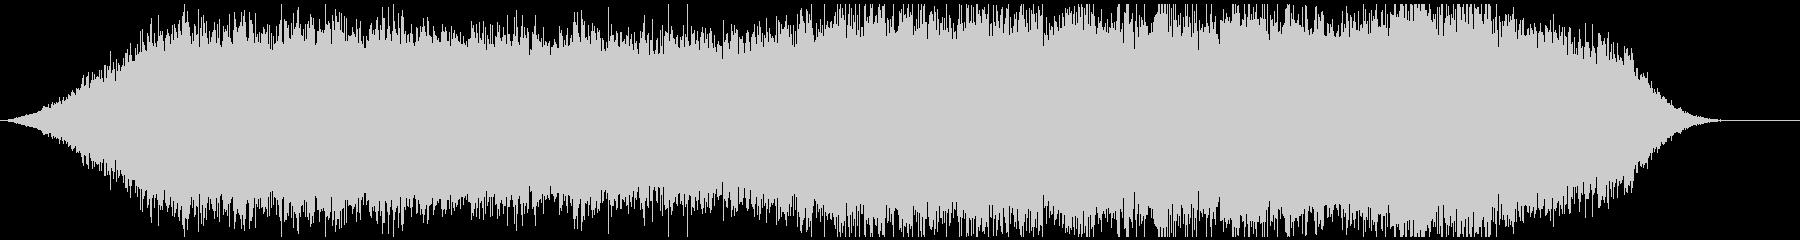 神秘的な雰囲気のアンビエント背景音6ー2の未再生の波形